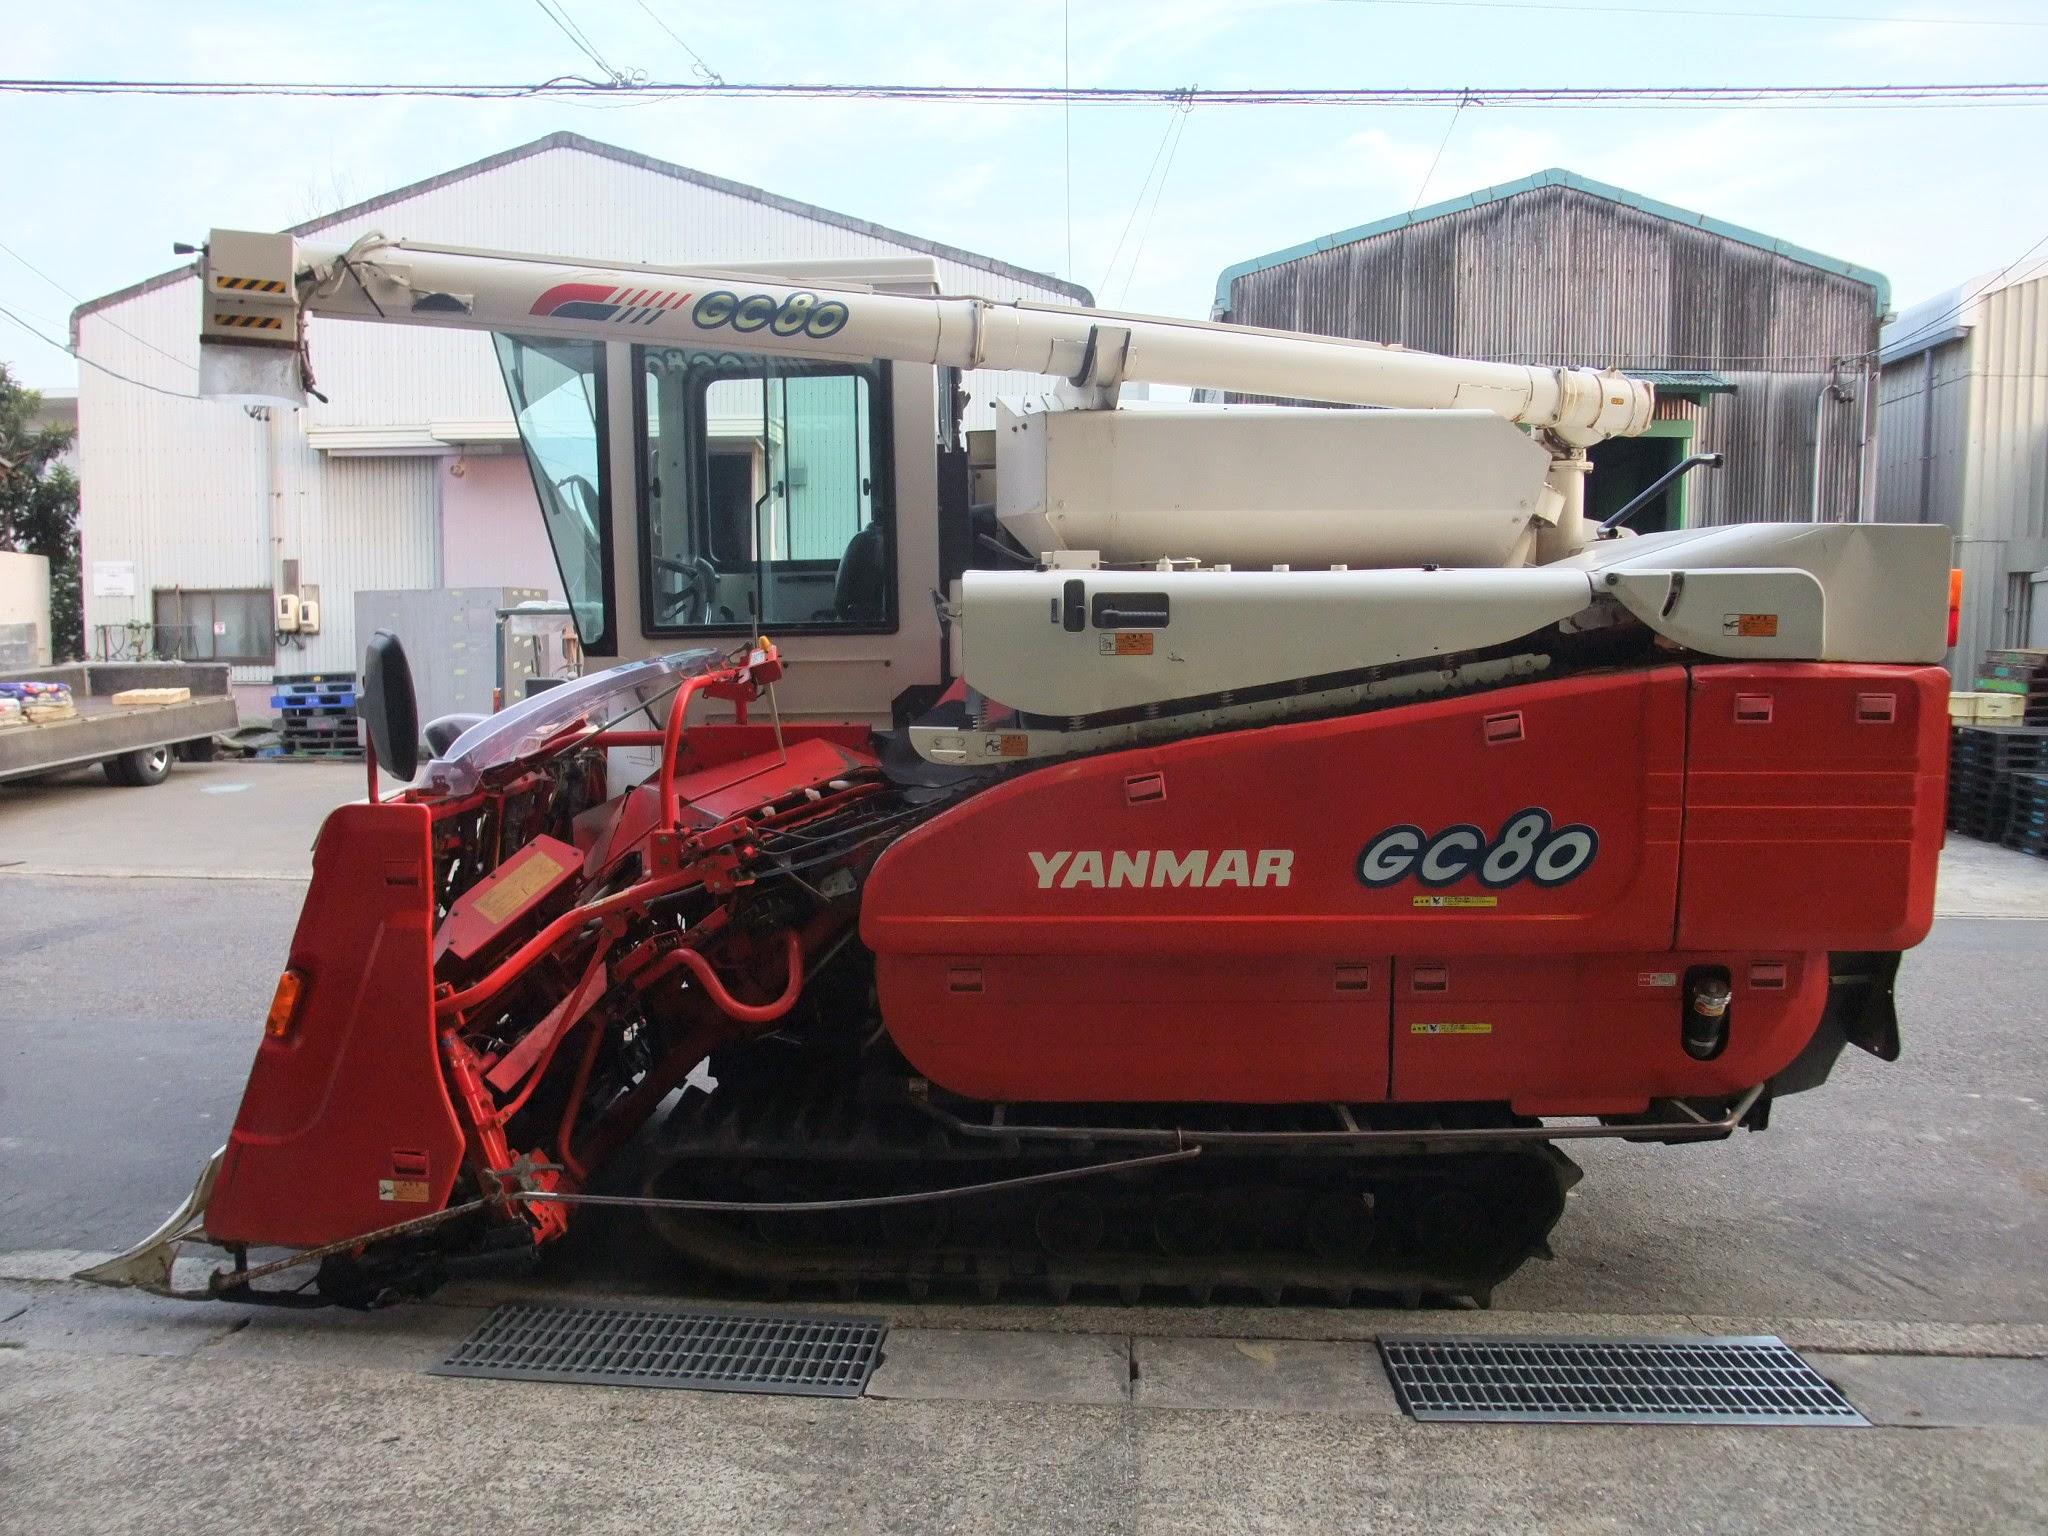 Máy gặt đập liên hợp Yanmar GC80 Cabin hinh anh 1